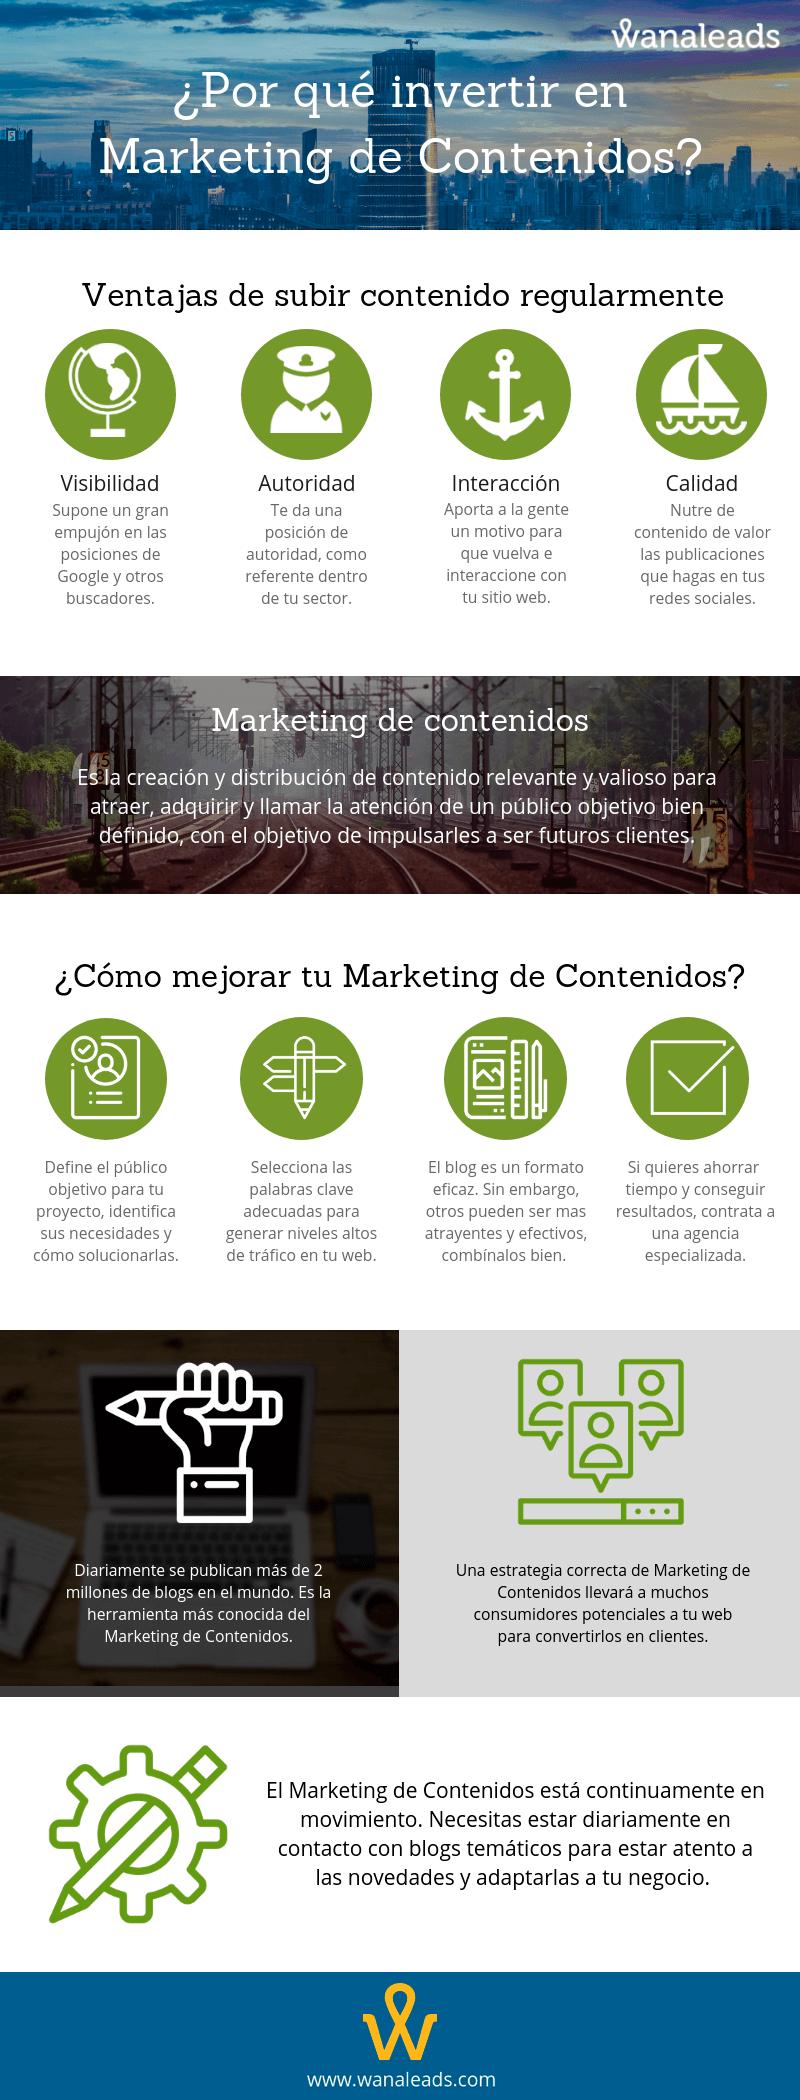 ¿Por qué invertir en marketing de contenidos? [Infografía]